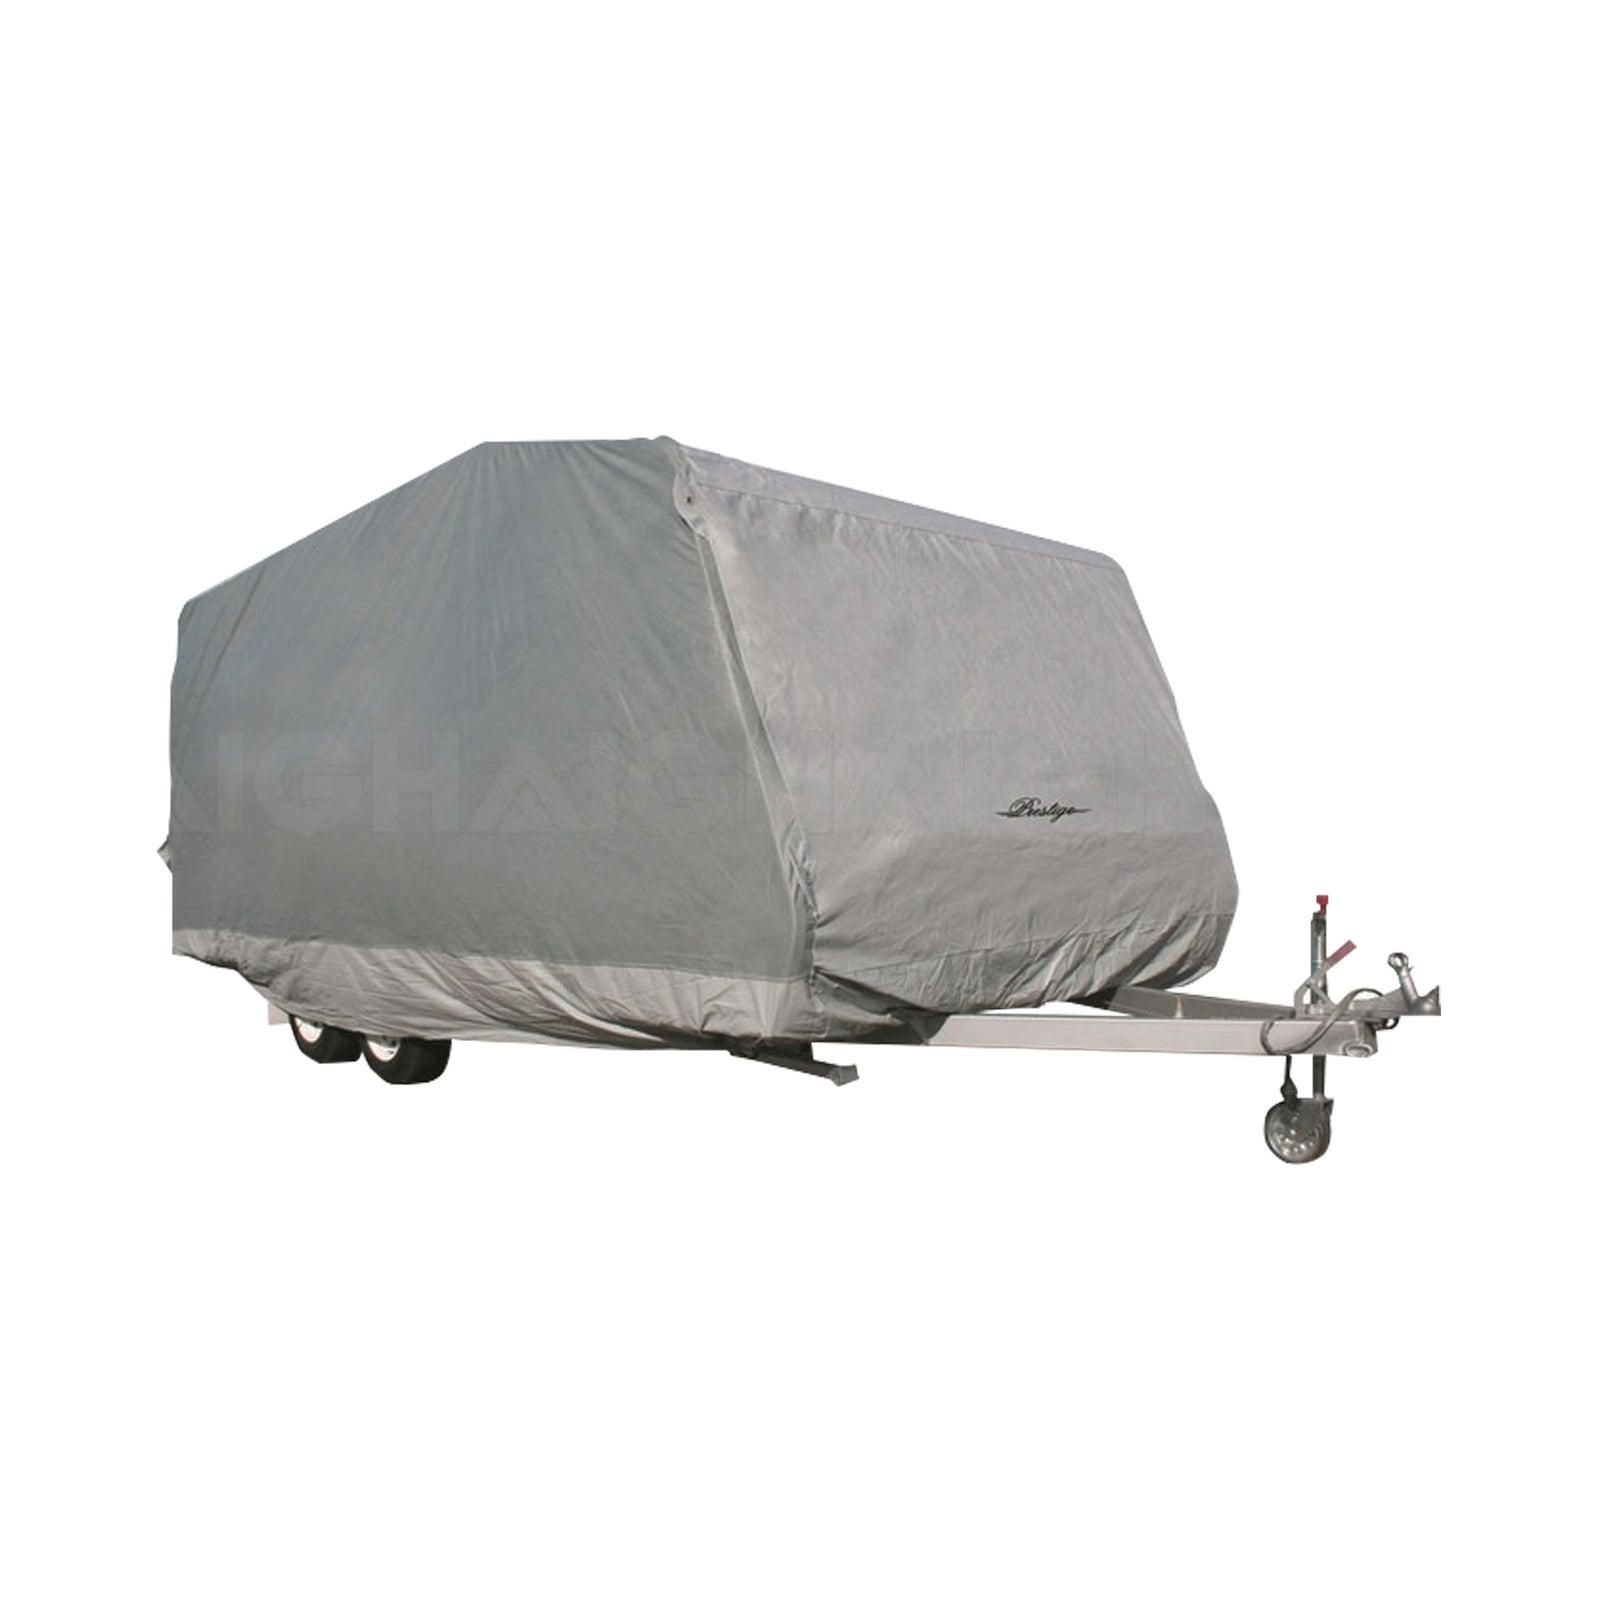 Prestige Waterproof Caravan Cover 6.0m to 6.6m 20ft to 22ft Waterproof UV